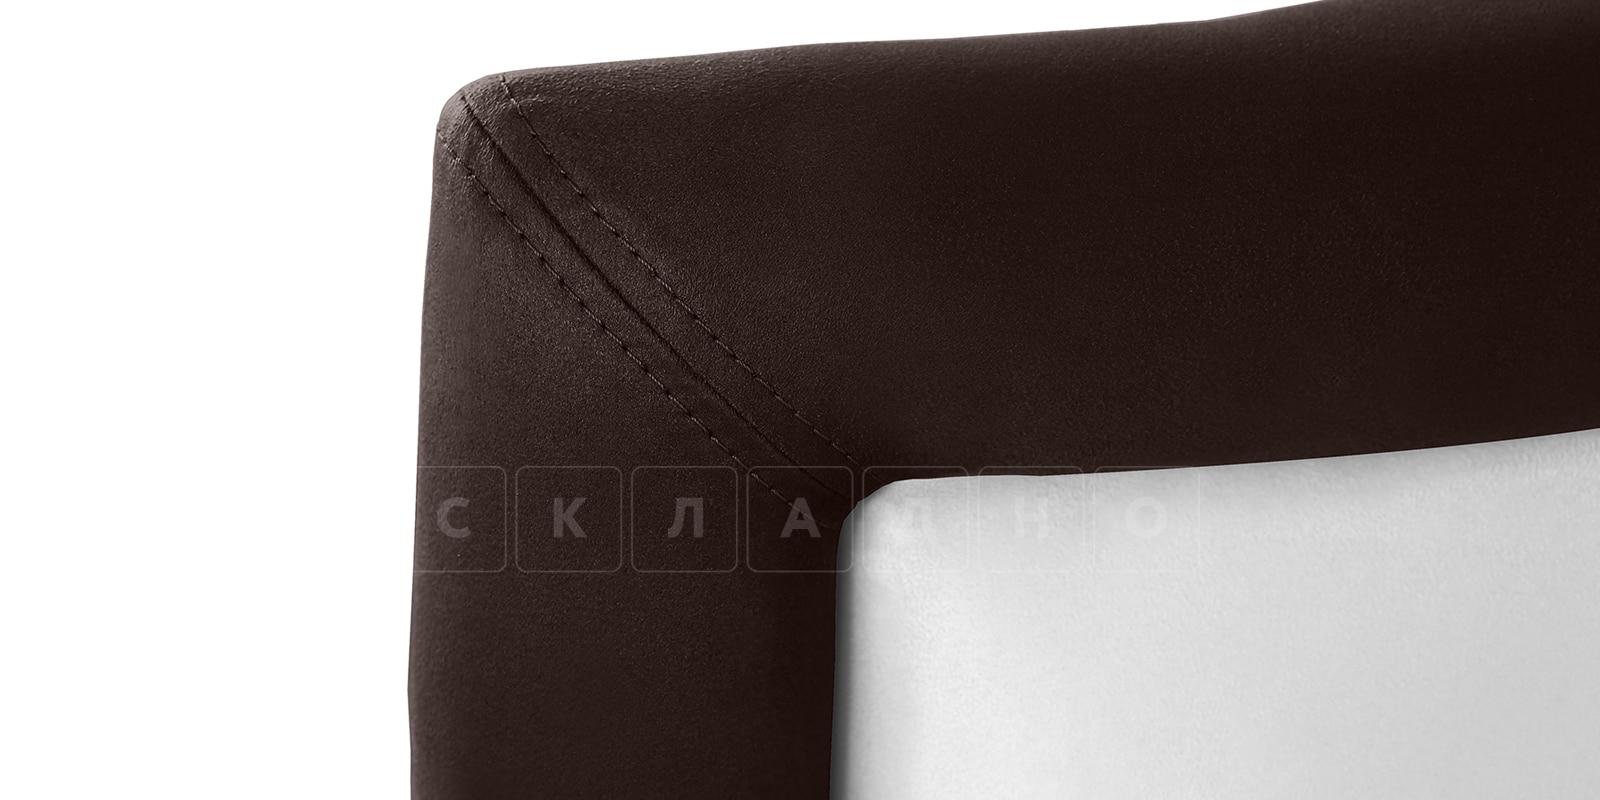 Мягкая кровать Малибу 160см экокожа белый-шоколад вариант 9-2 фото 4 | интернет-магазин Складно